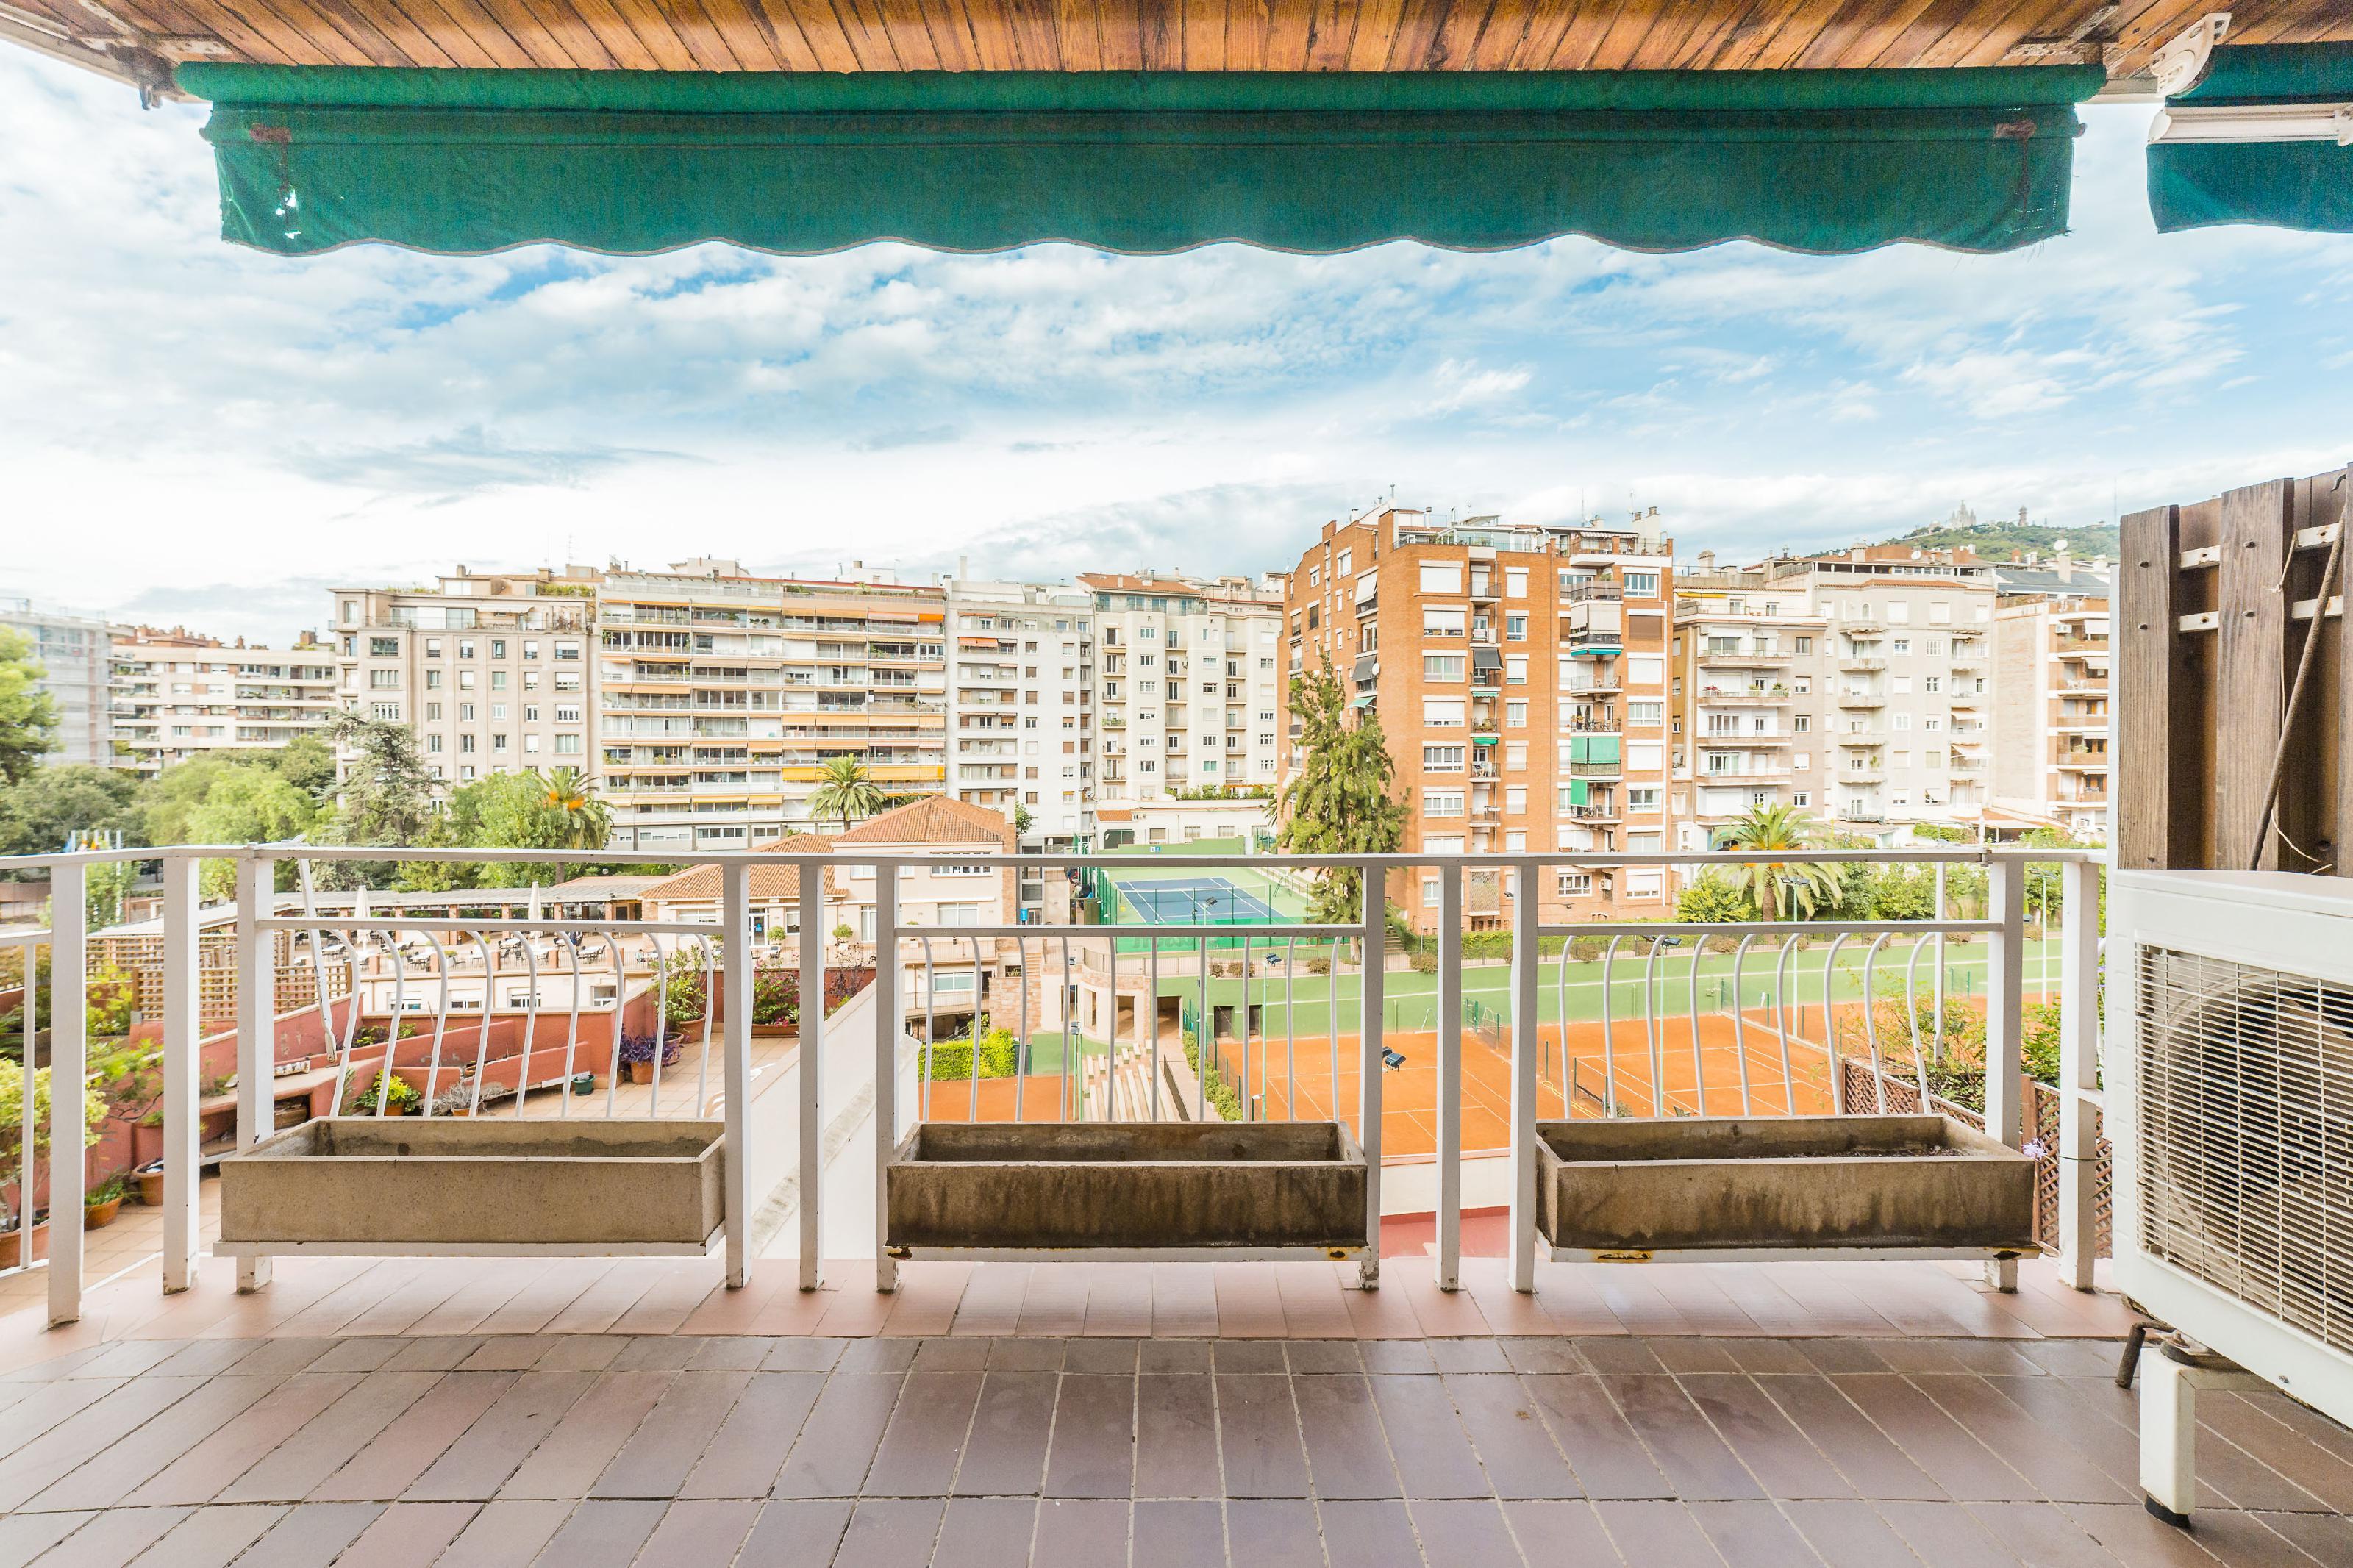 253337 Piso en venda en Sarrià-Sant Gervasi, El Putxet i Farró 21